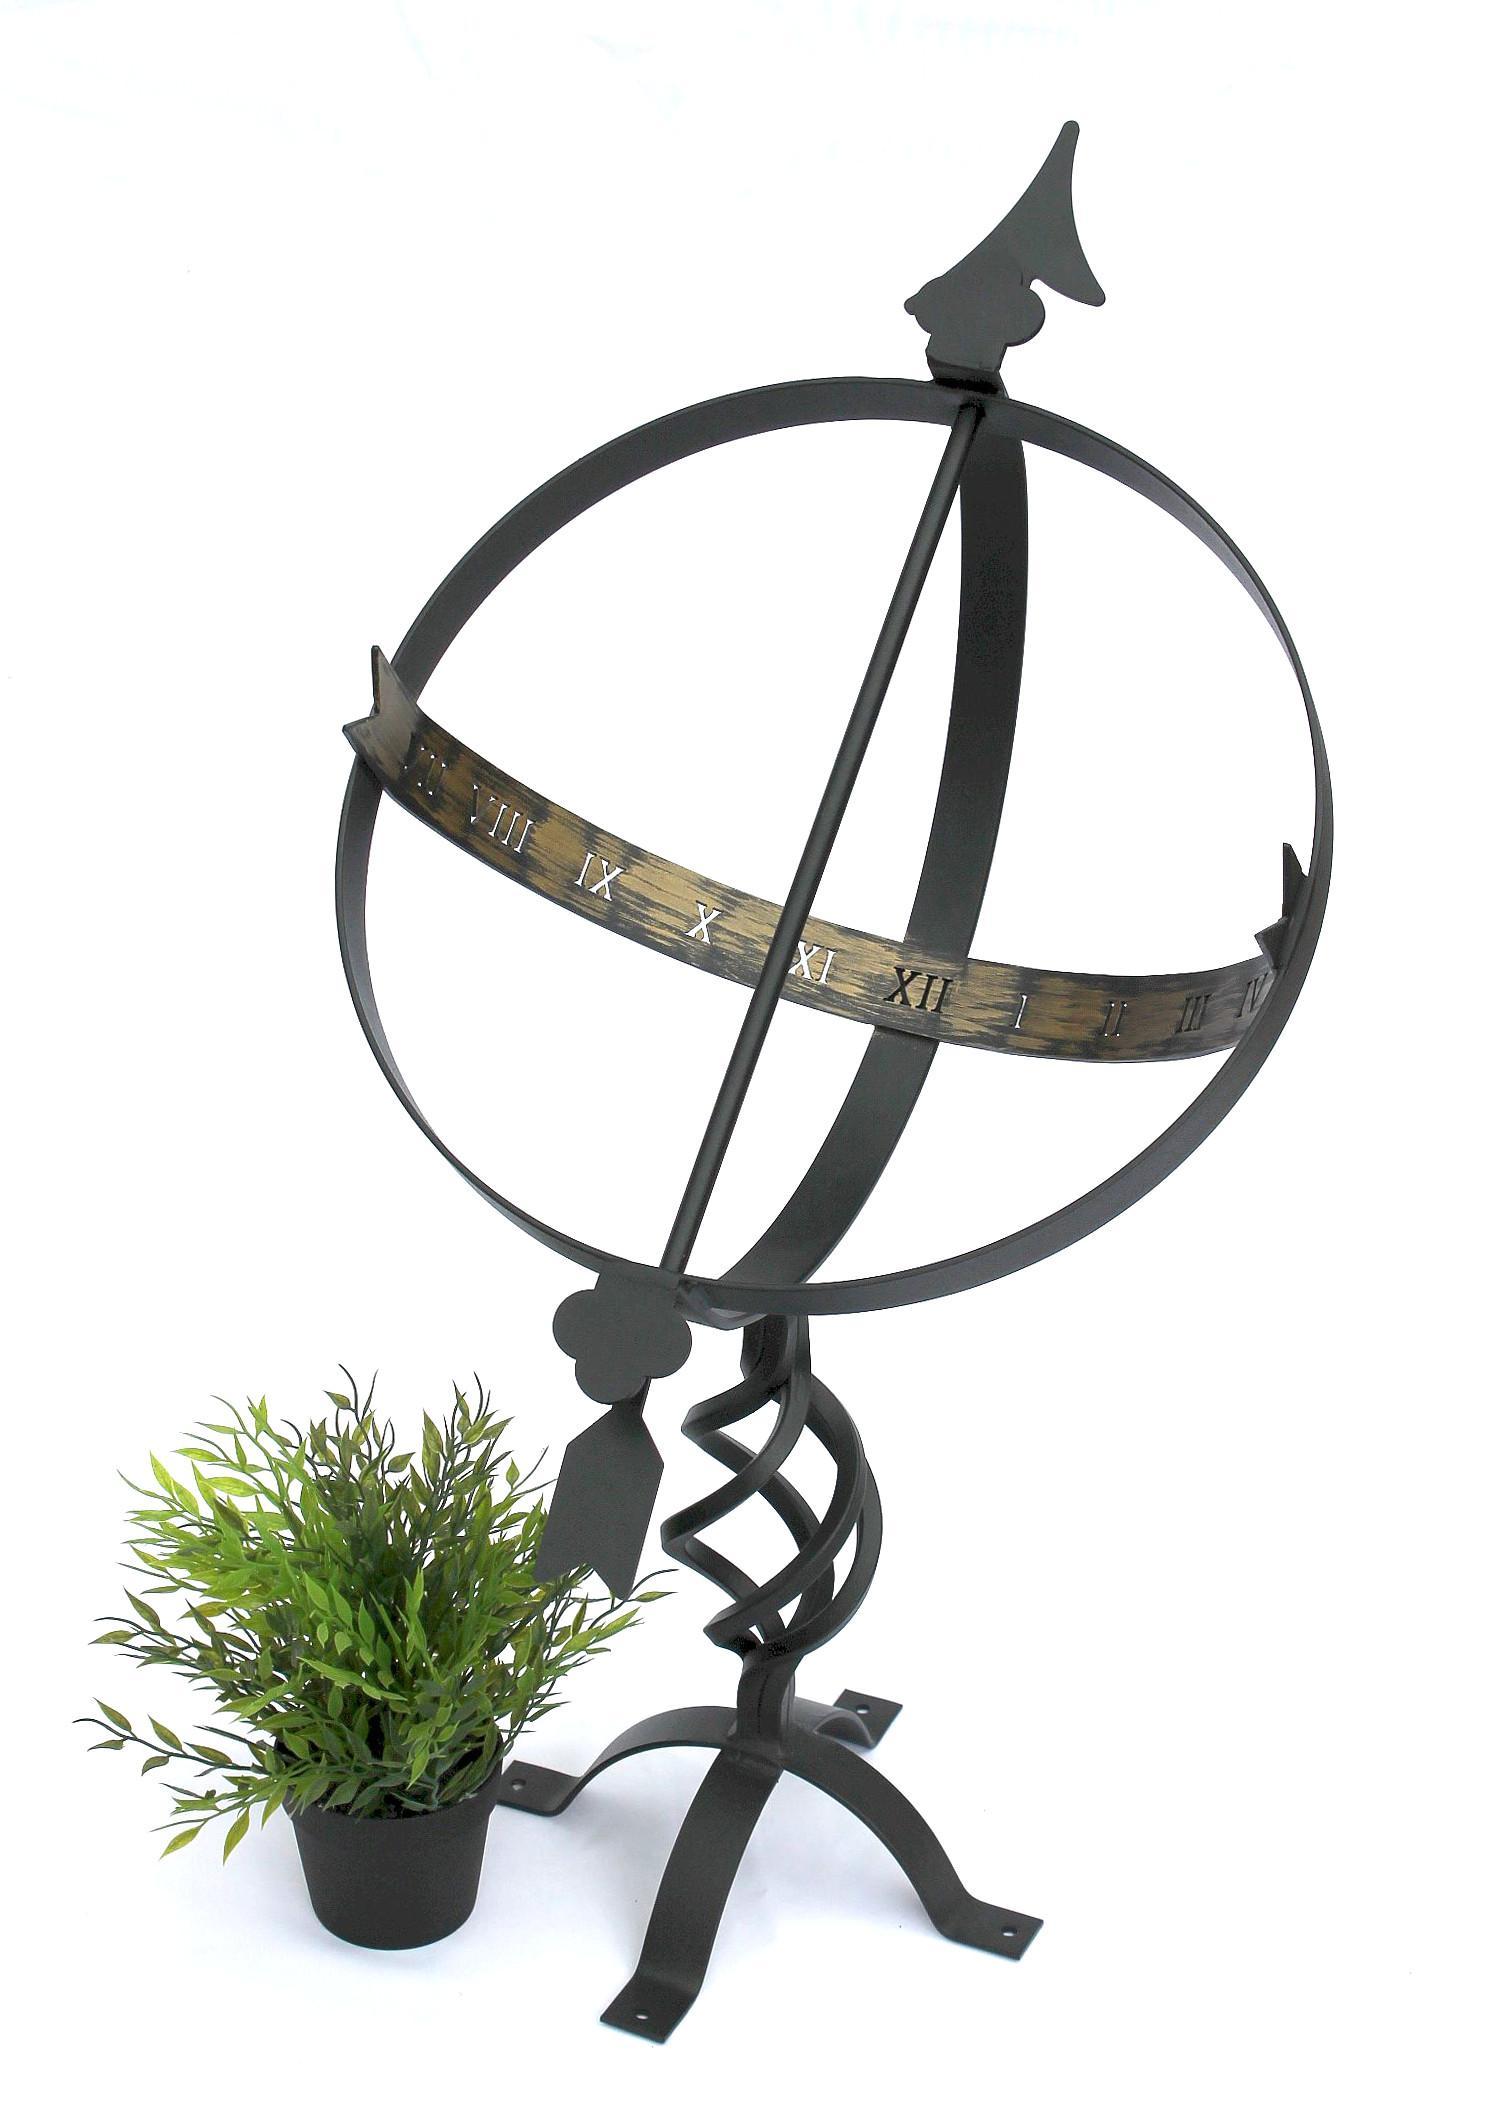 ... Sonnenuhr Schwarz Aus Metall Schmiedeeisen Wetterfest 72cm Gartenuhr  Uhr Gartendeko 2 ...